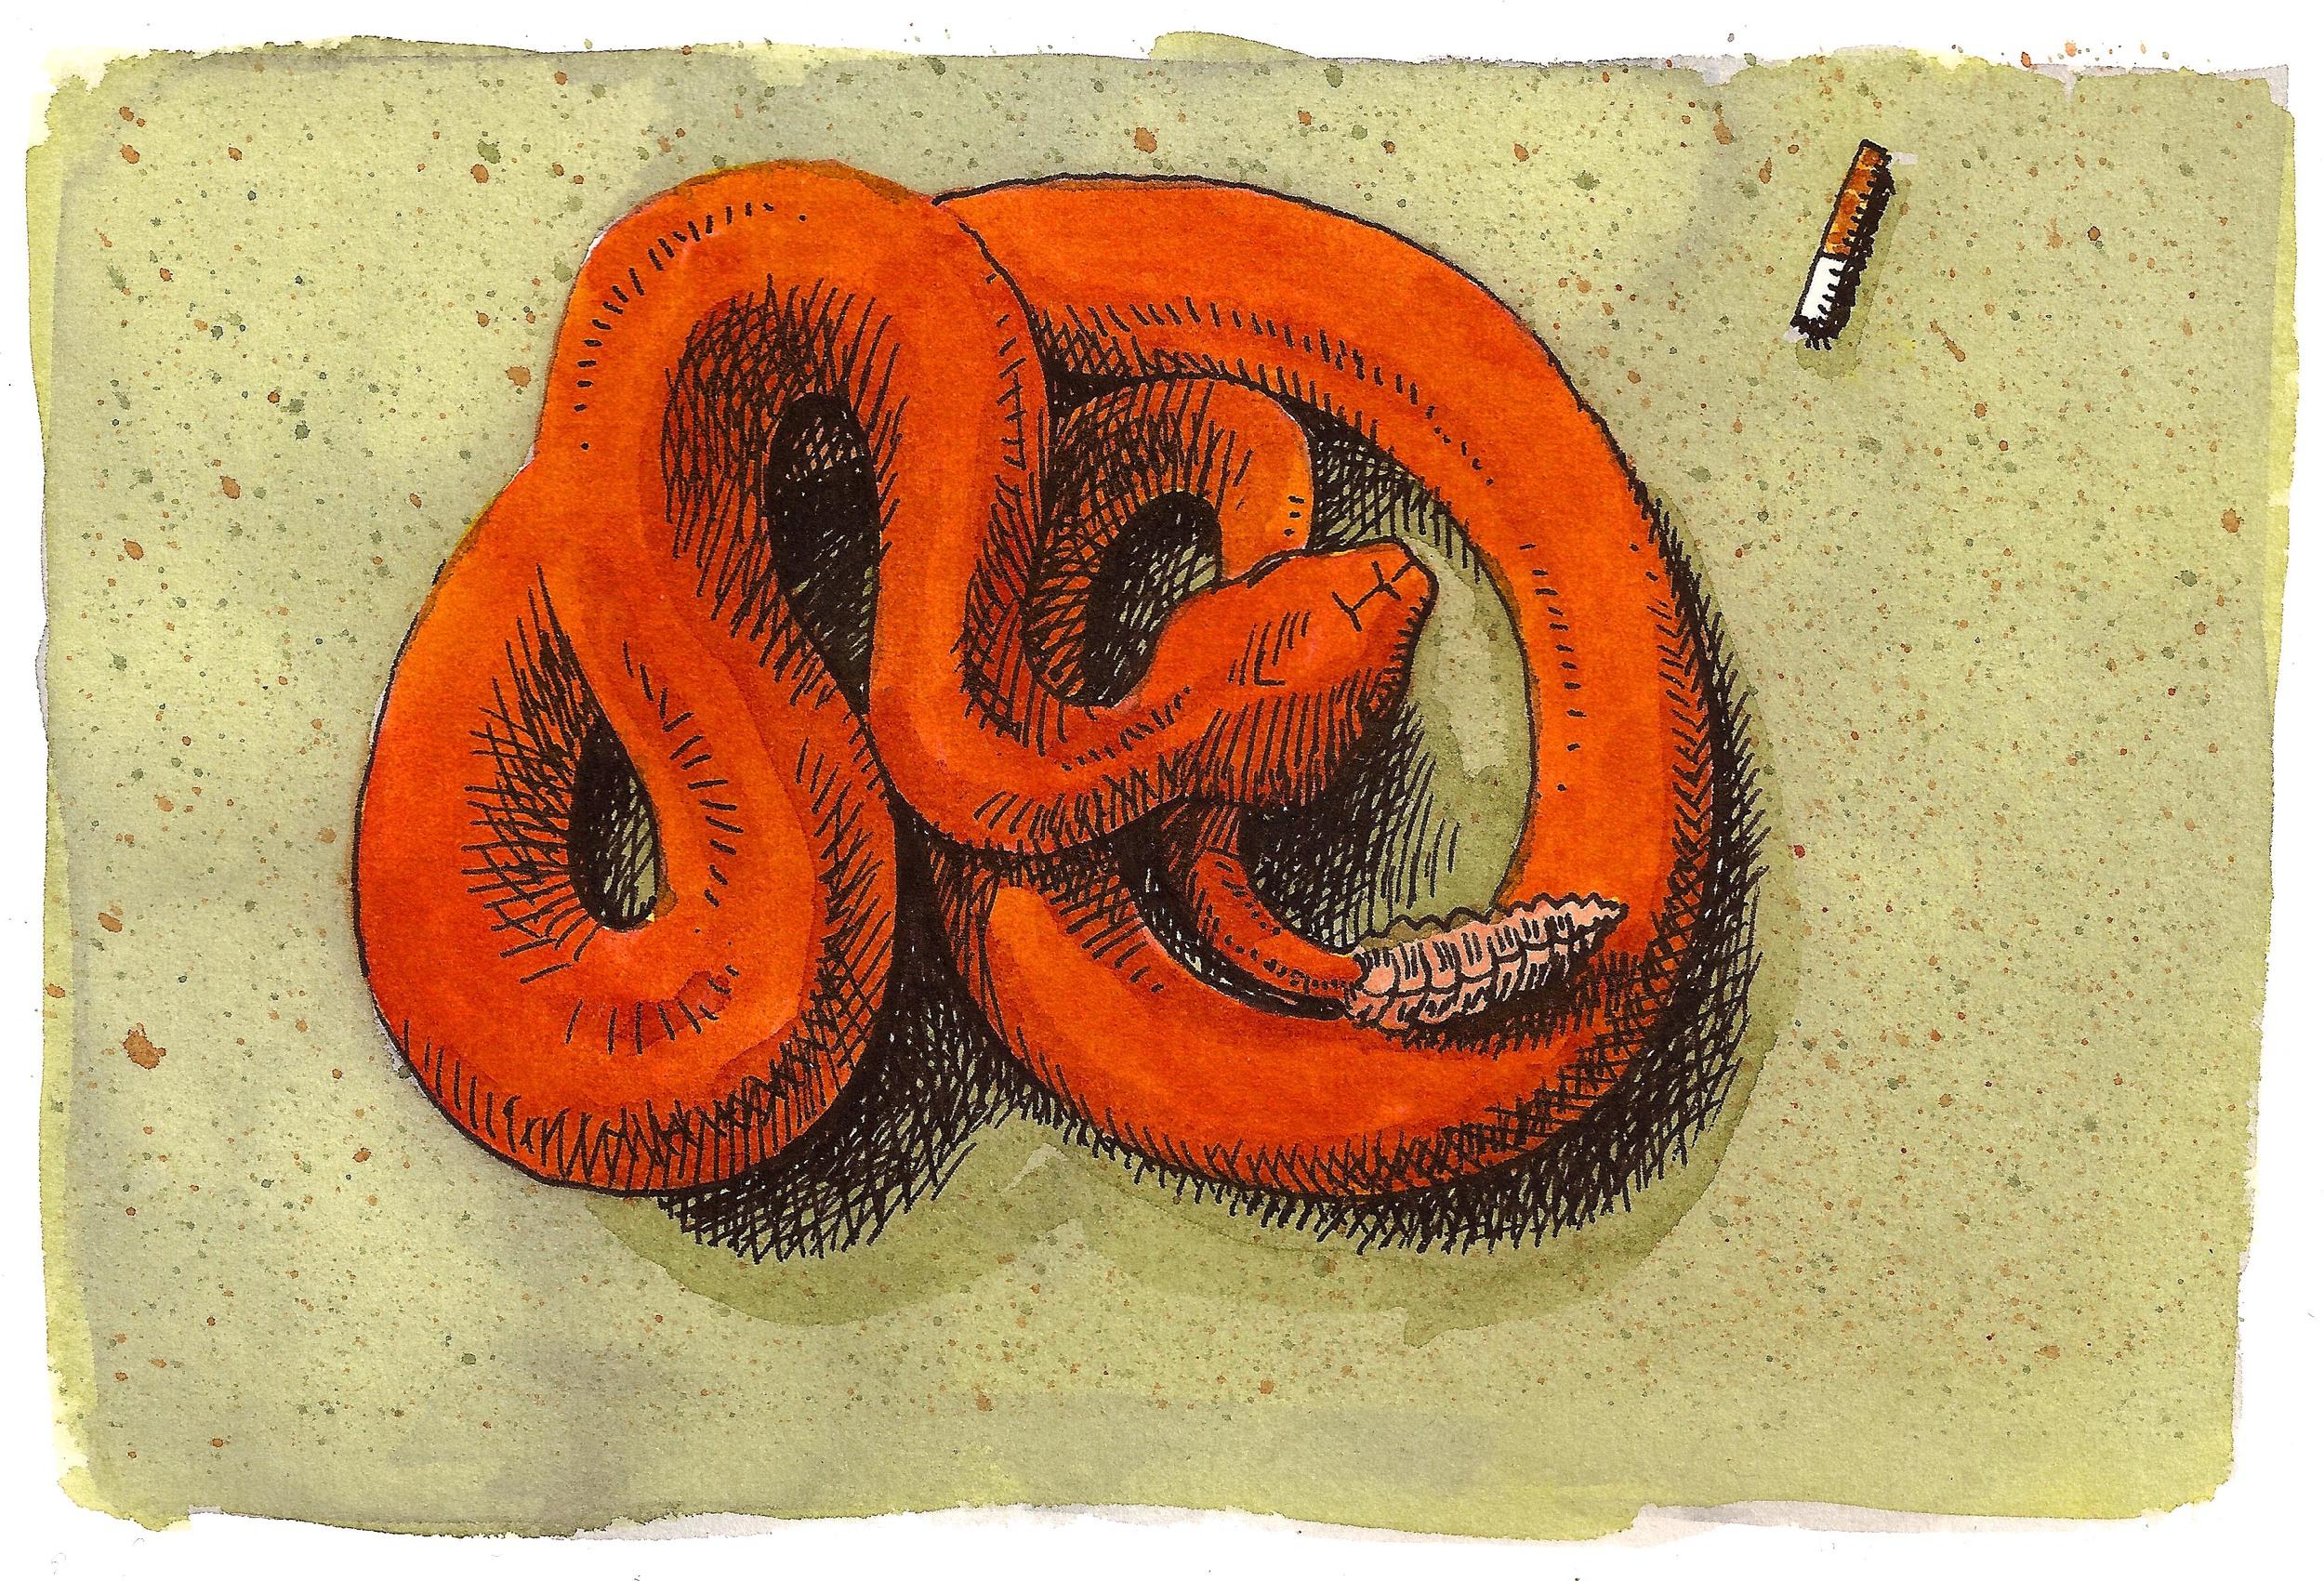 'Rattlesnake'